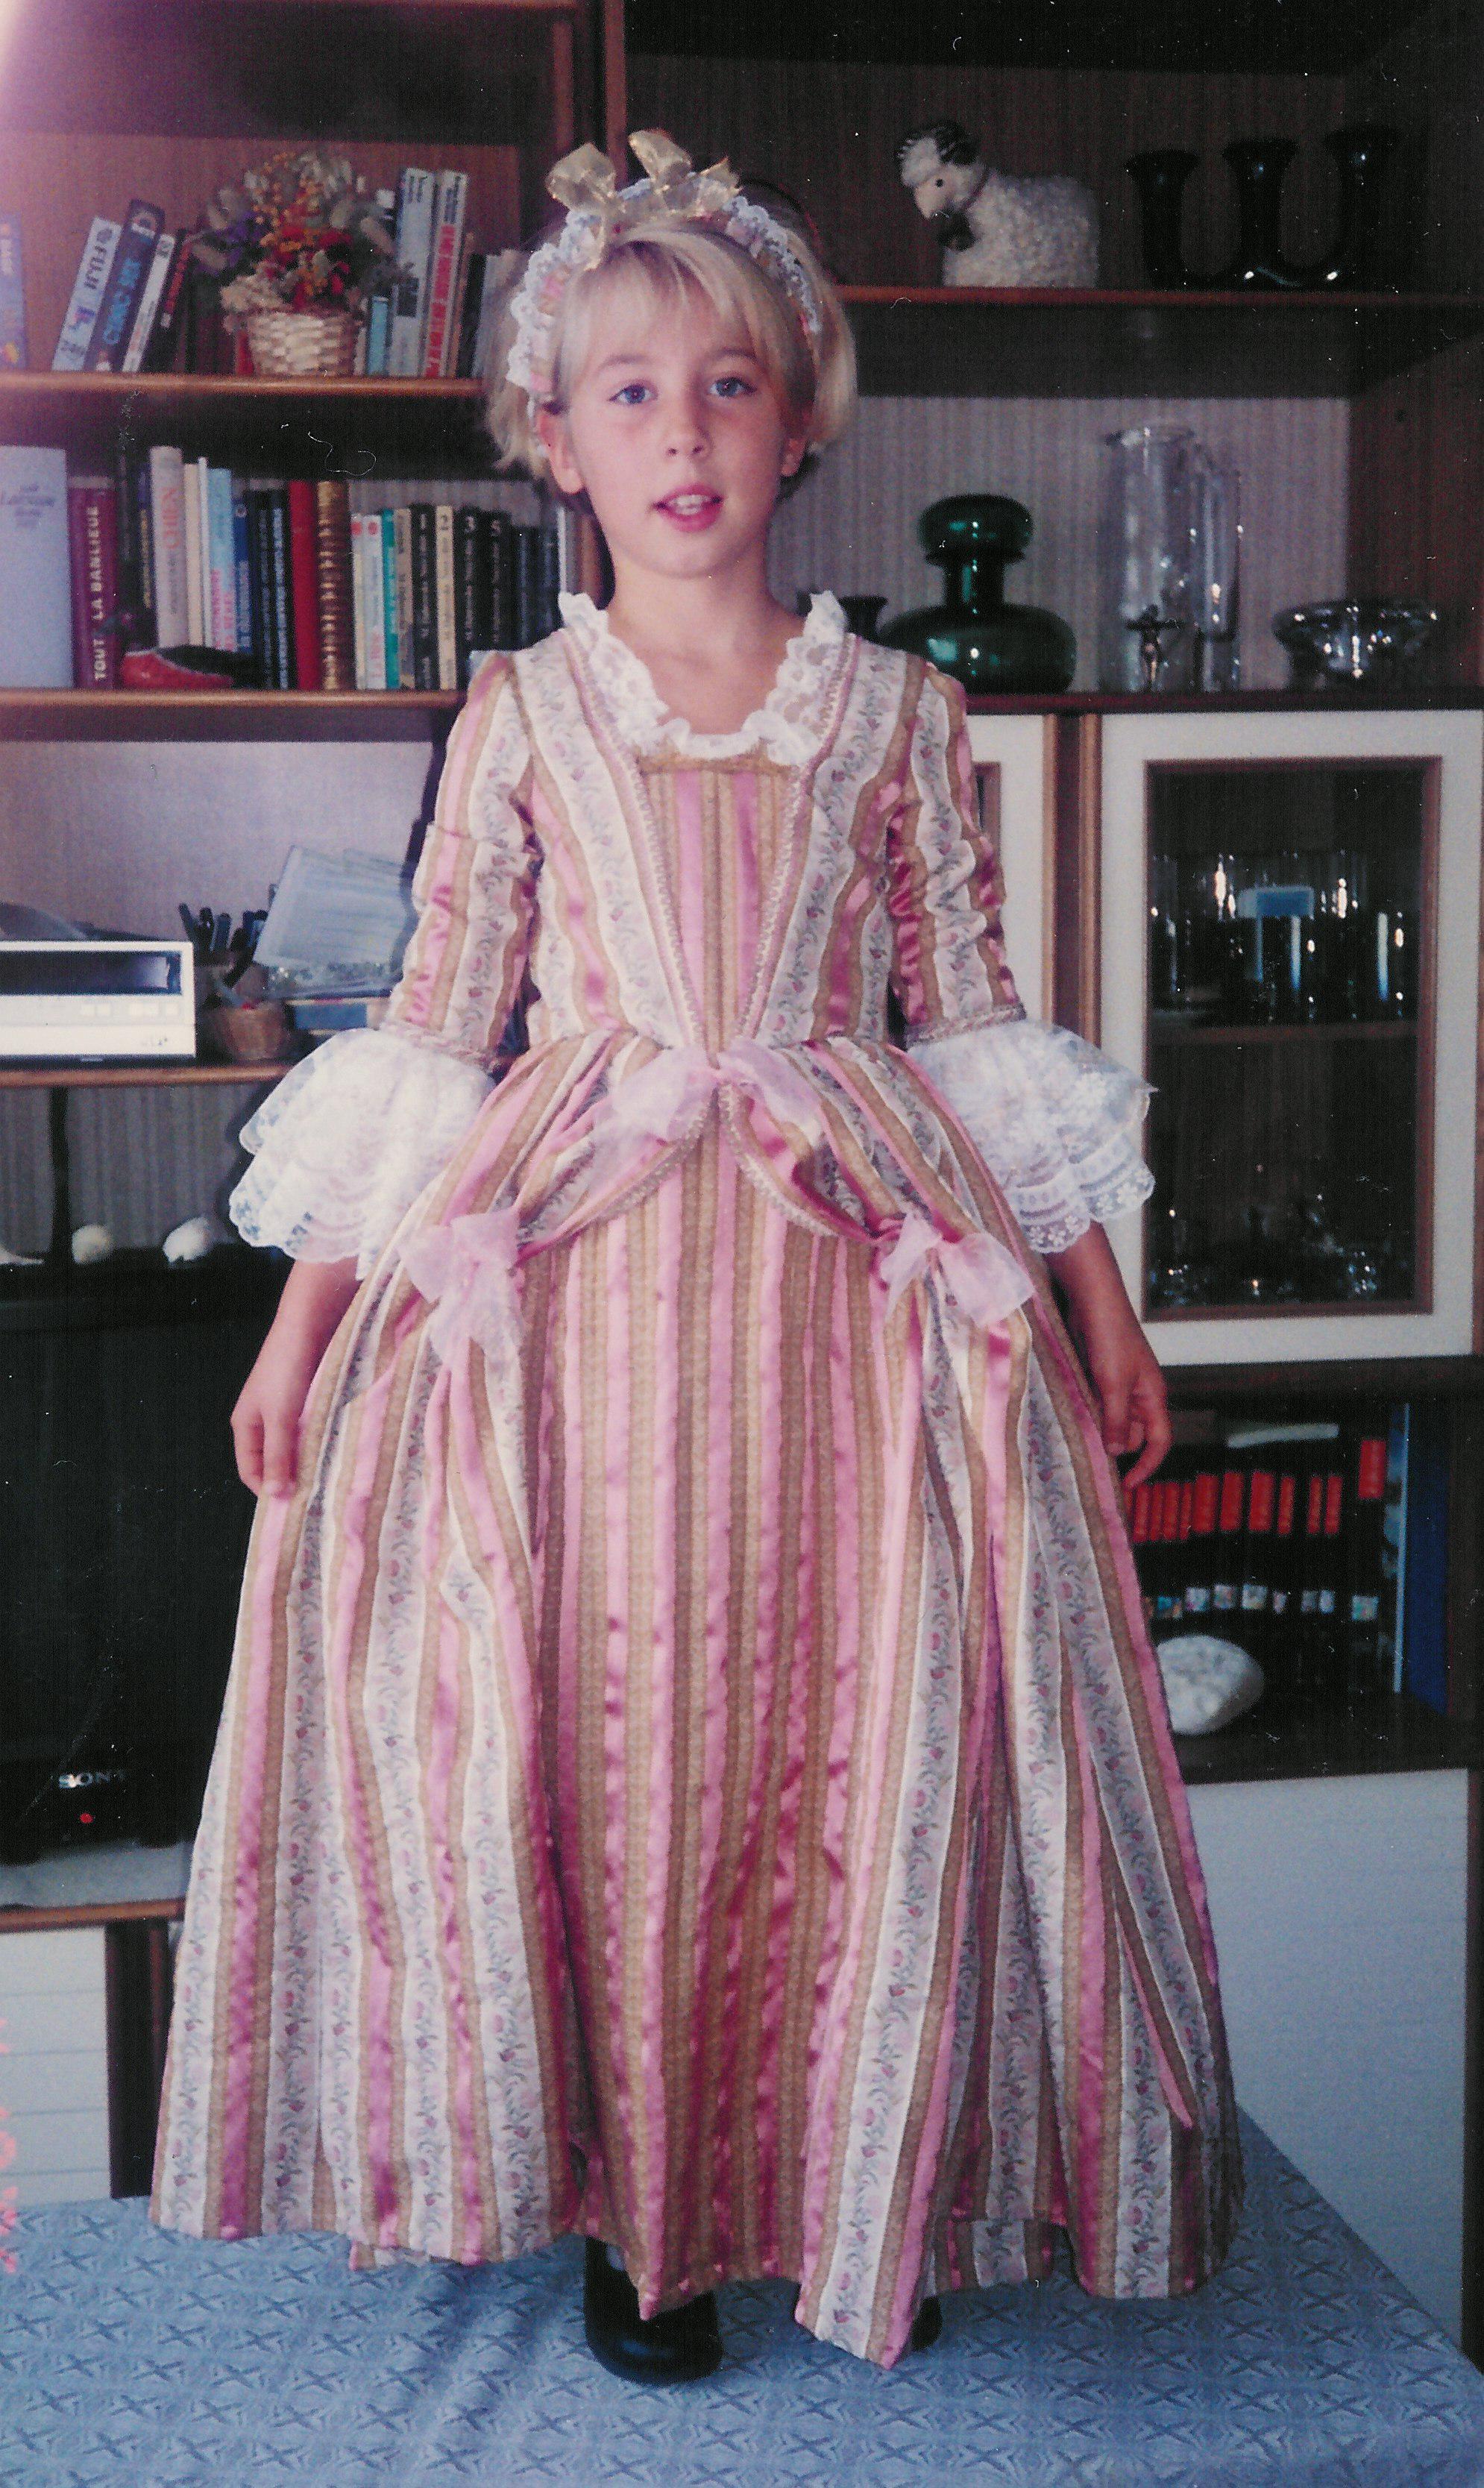 Robe de princesse 18e pour fille rose et dentelles de Calais